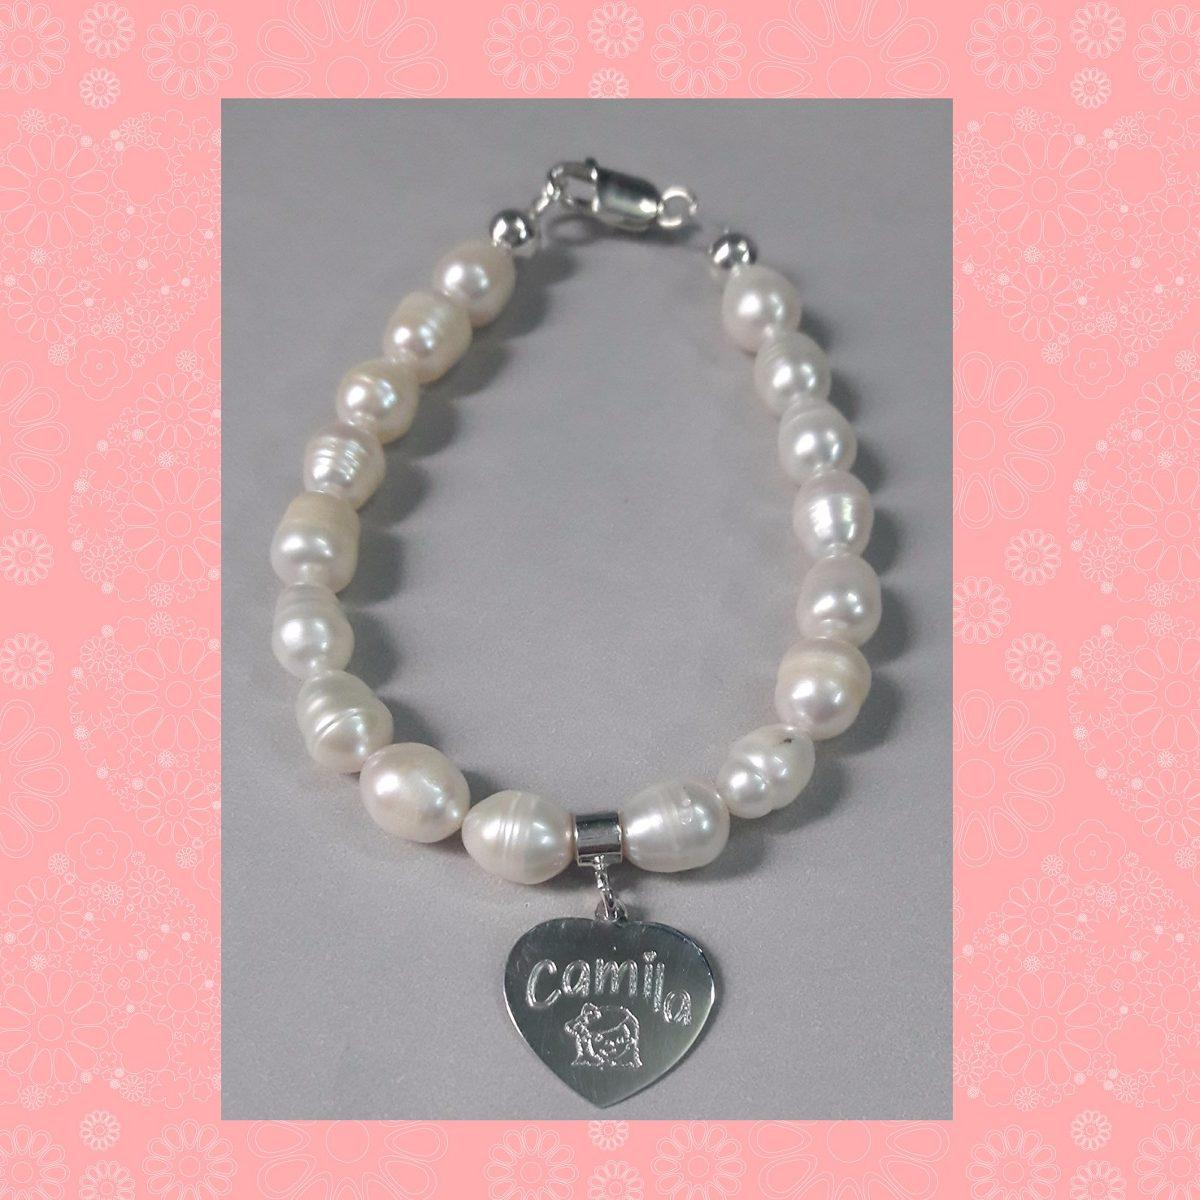 9631df85ed46 pulsera de perlas + dije corazón para grabar todo plata 925. Cargando zoom.